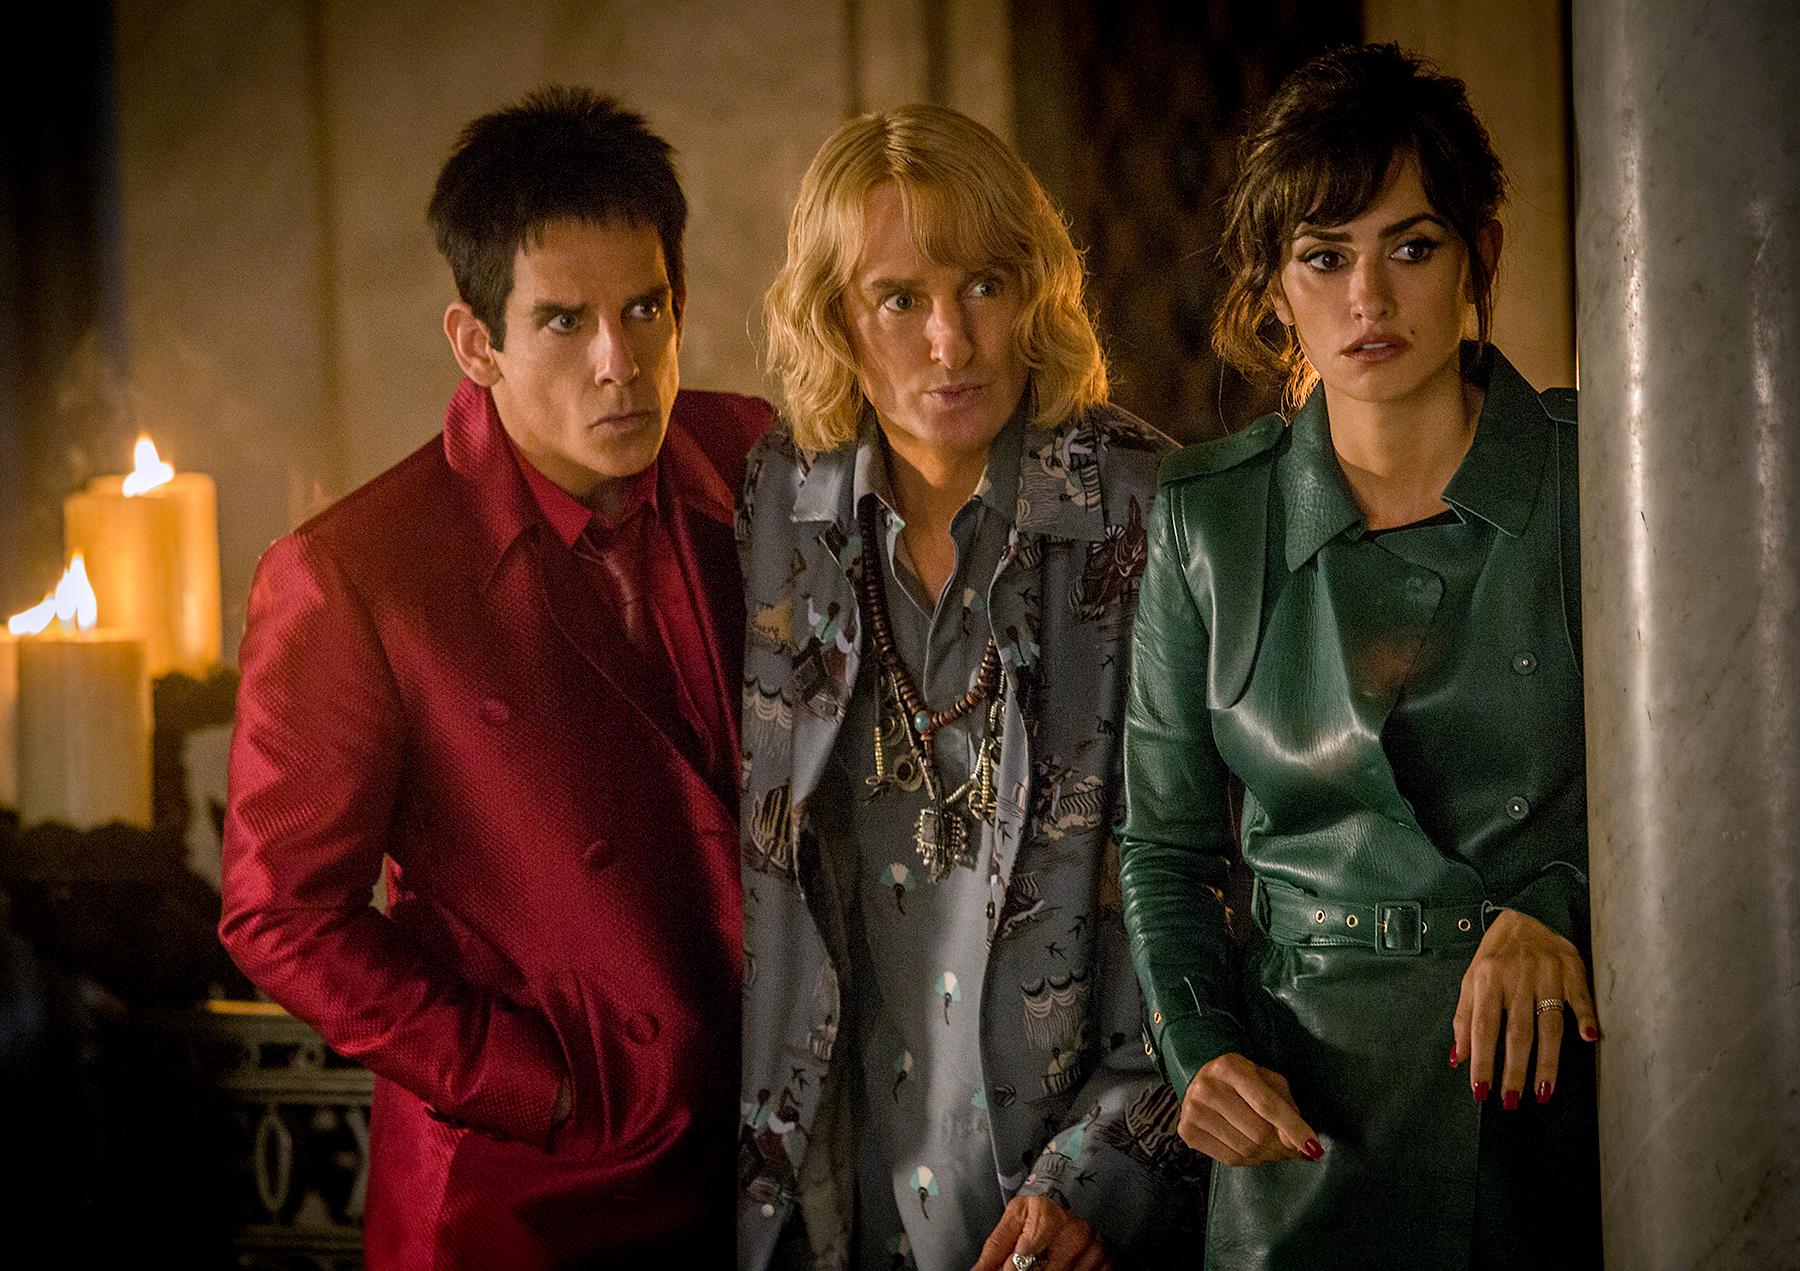 Ben Stiller plays Derek Zoolander, Owen Wilson plays Hansel, and Penelope Cruz plays Valentina Valencia in 'Zoolander 2.'